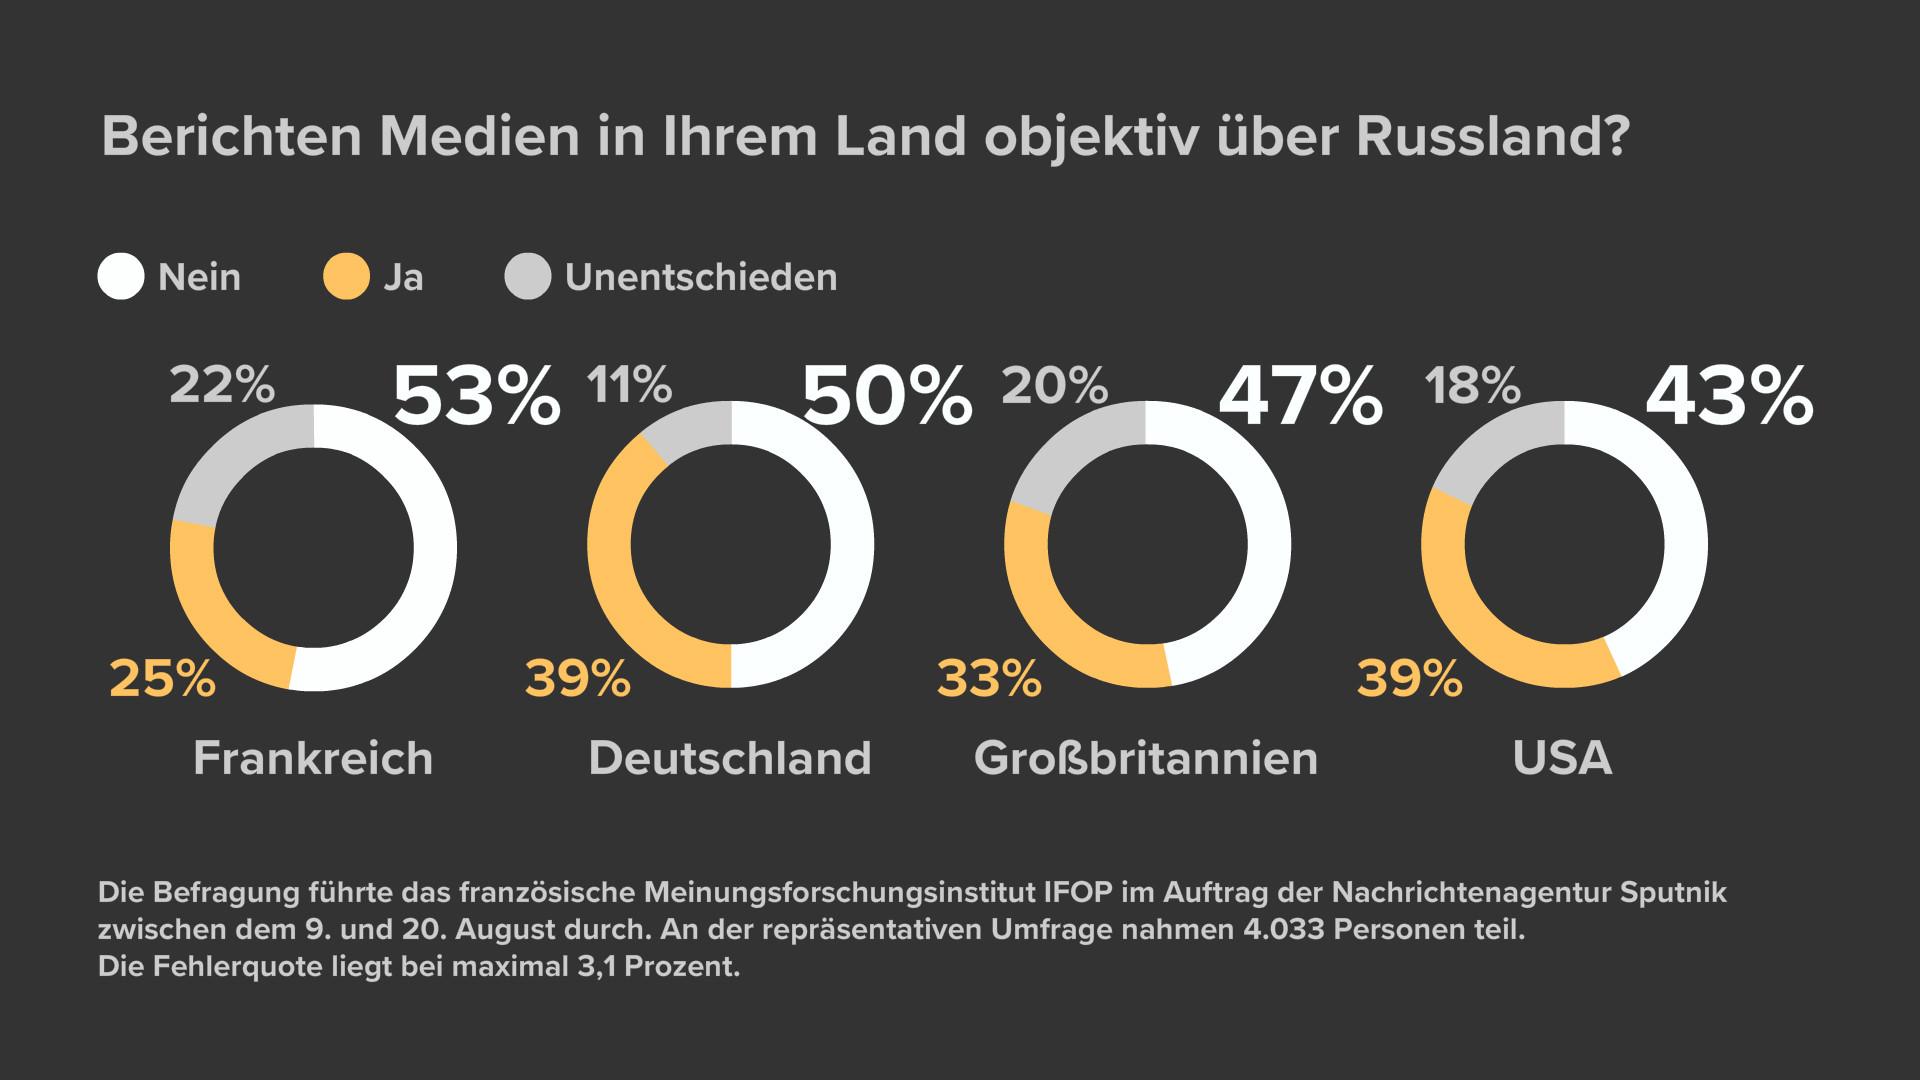 Vergleichsanalyse: Jeder Zweite im Westen vertraut Berichten über Russland nicht